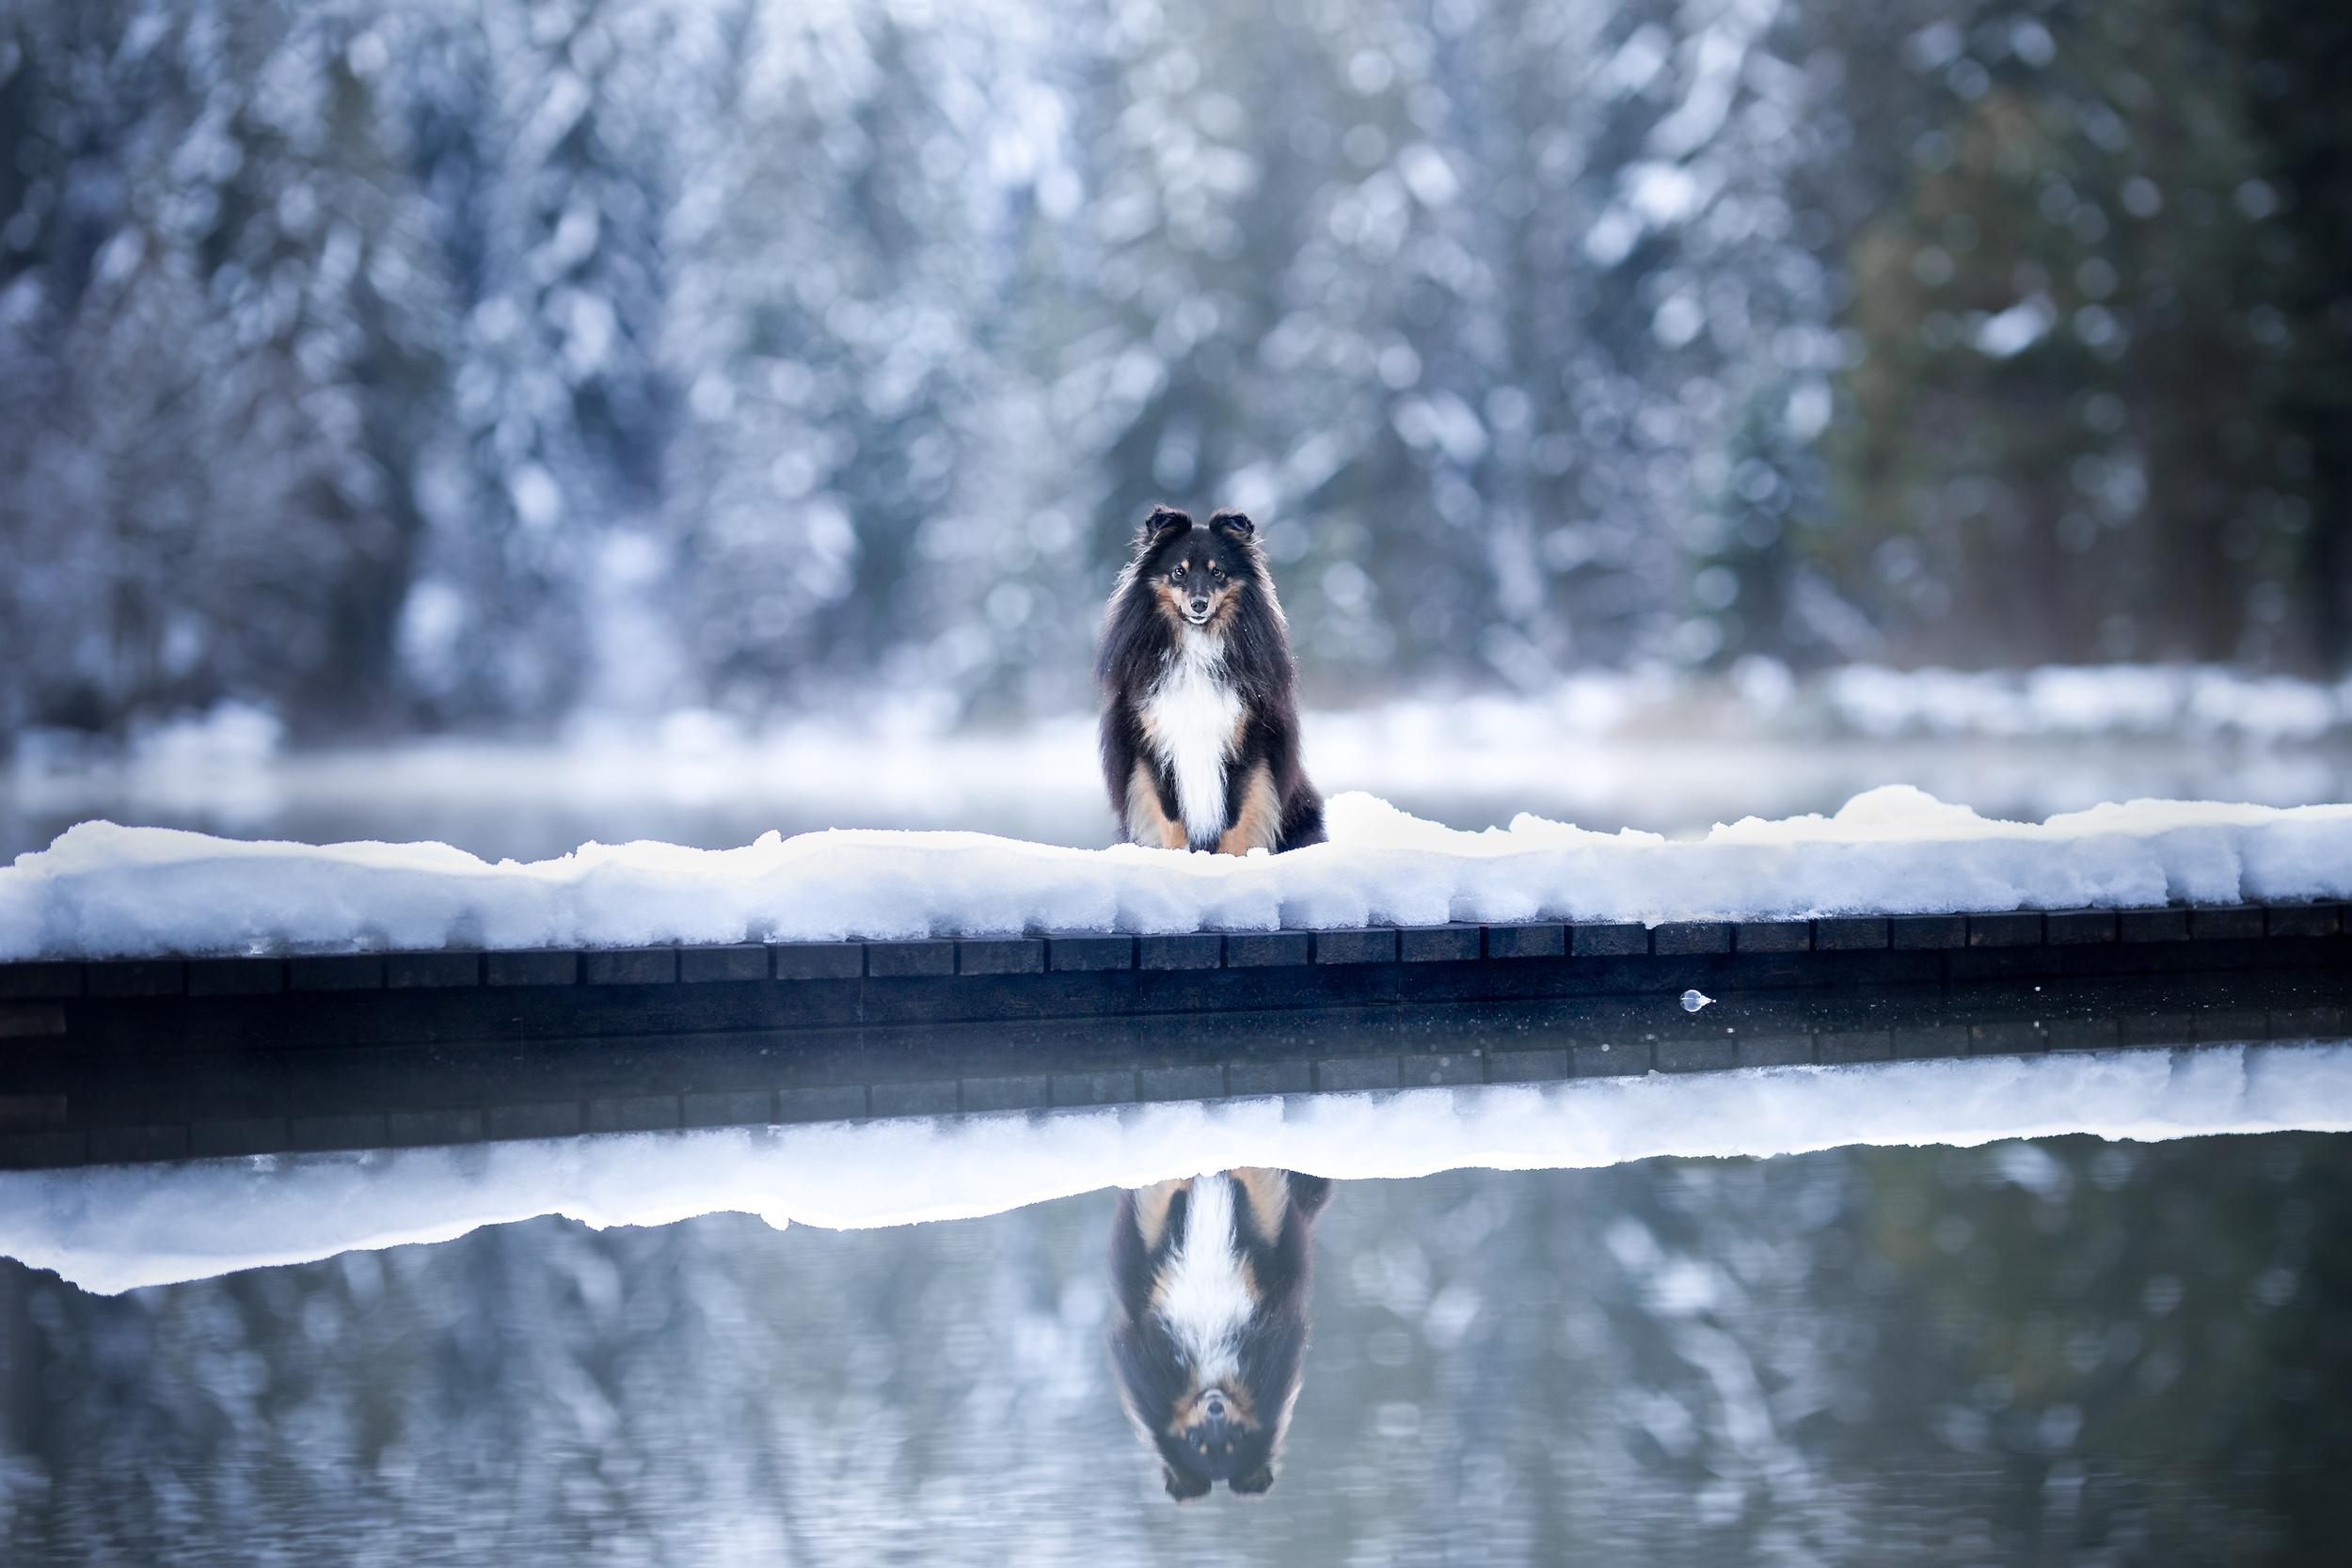 Sheltie Wasserspiegelung Crestasee Schweiz Hundefotografie Photo-Passion